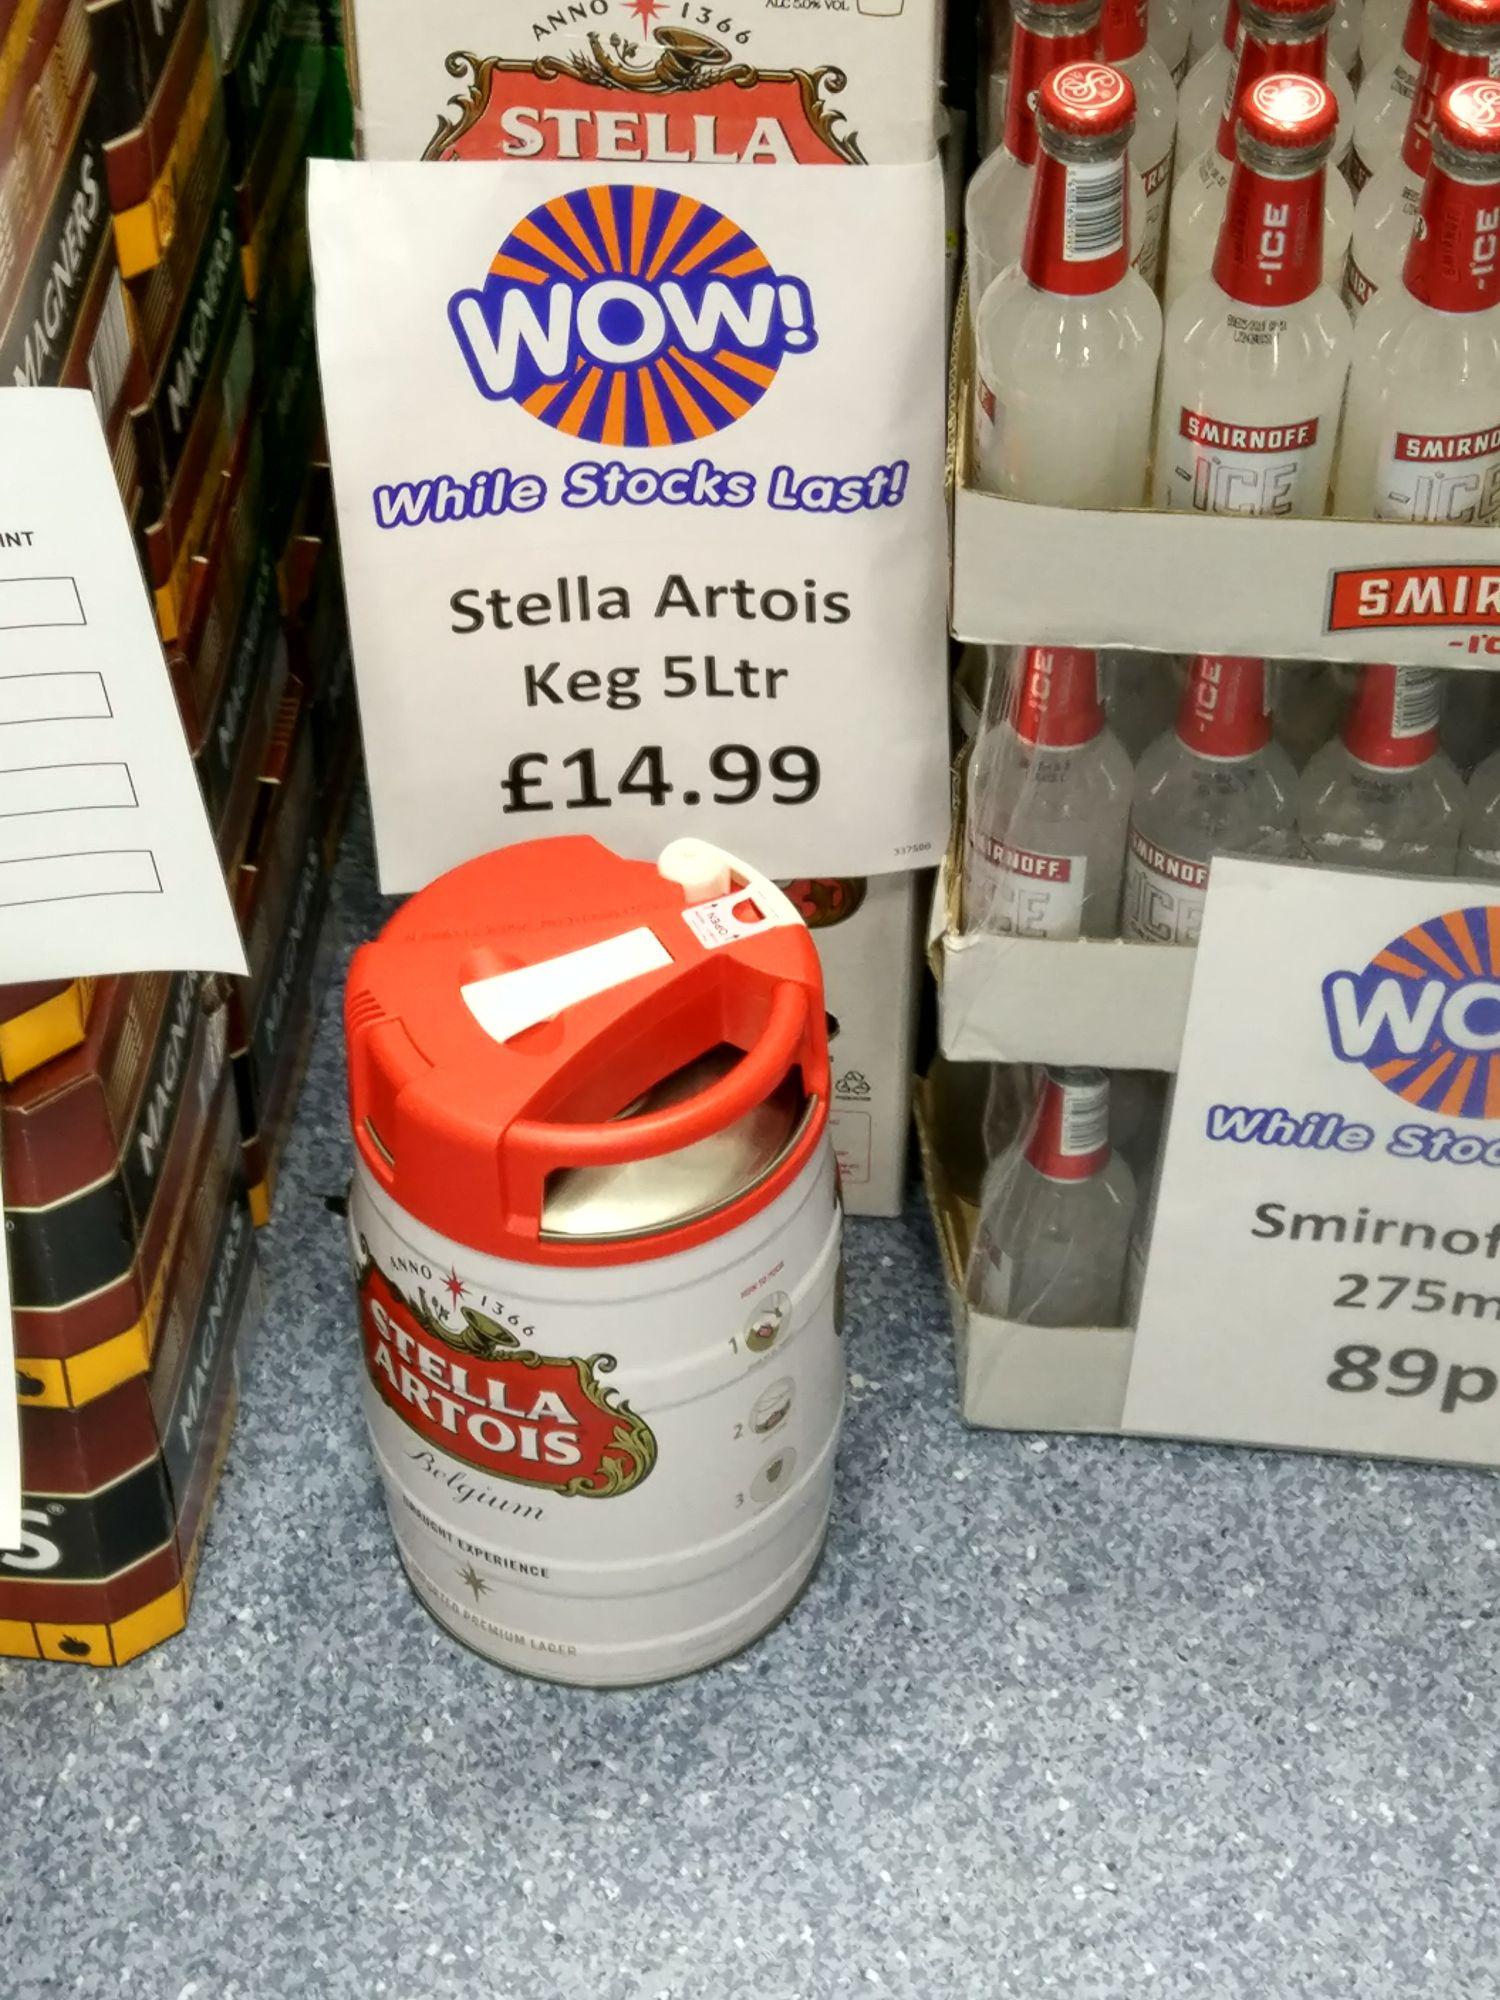 5 litre keg Stella Artois £14.99 @ B&M